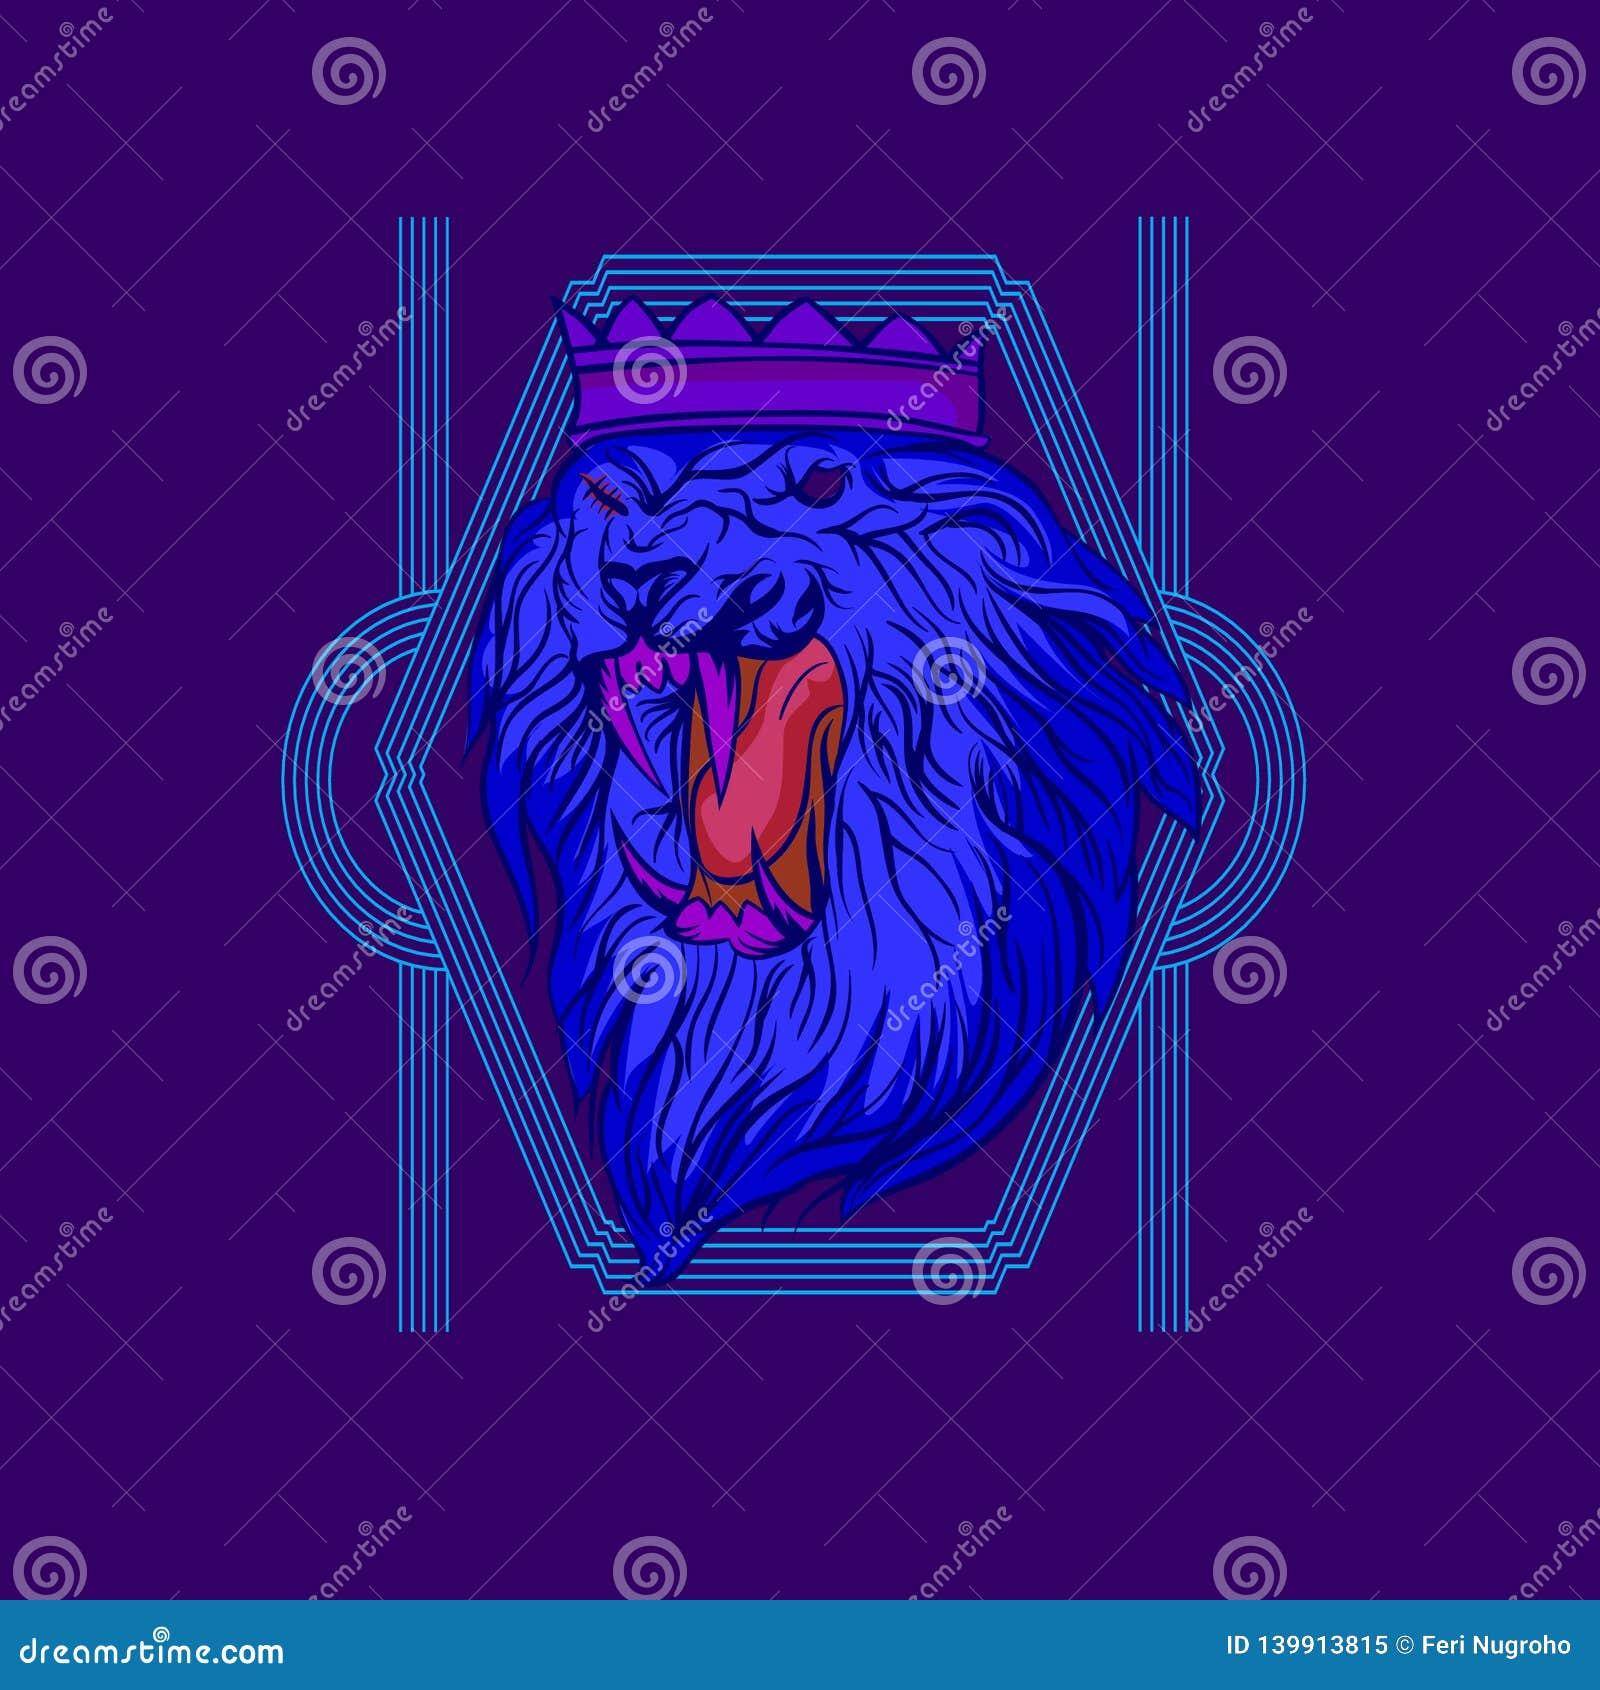 The Blue Lion Mascot